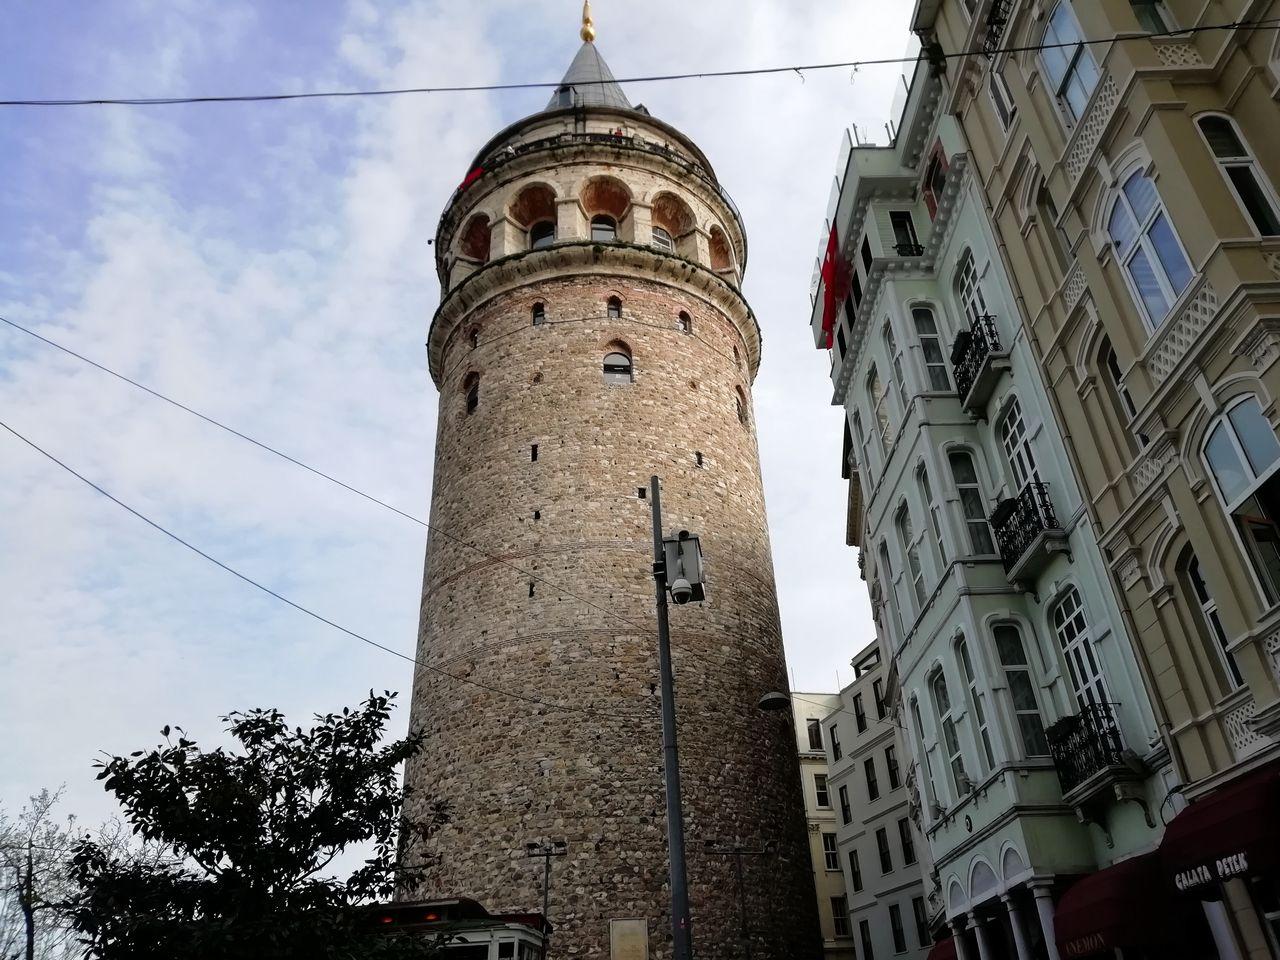 Subir a la Torre Gálata es un plan perfecto para disfrutar de unas de las mejores vistas panorámicas de la ciudad.